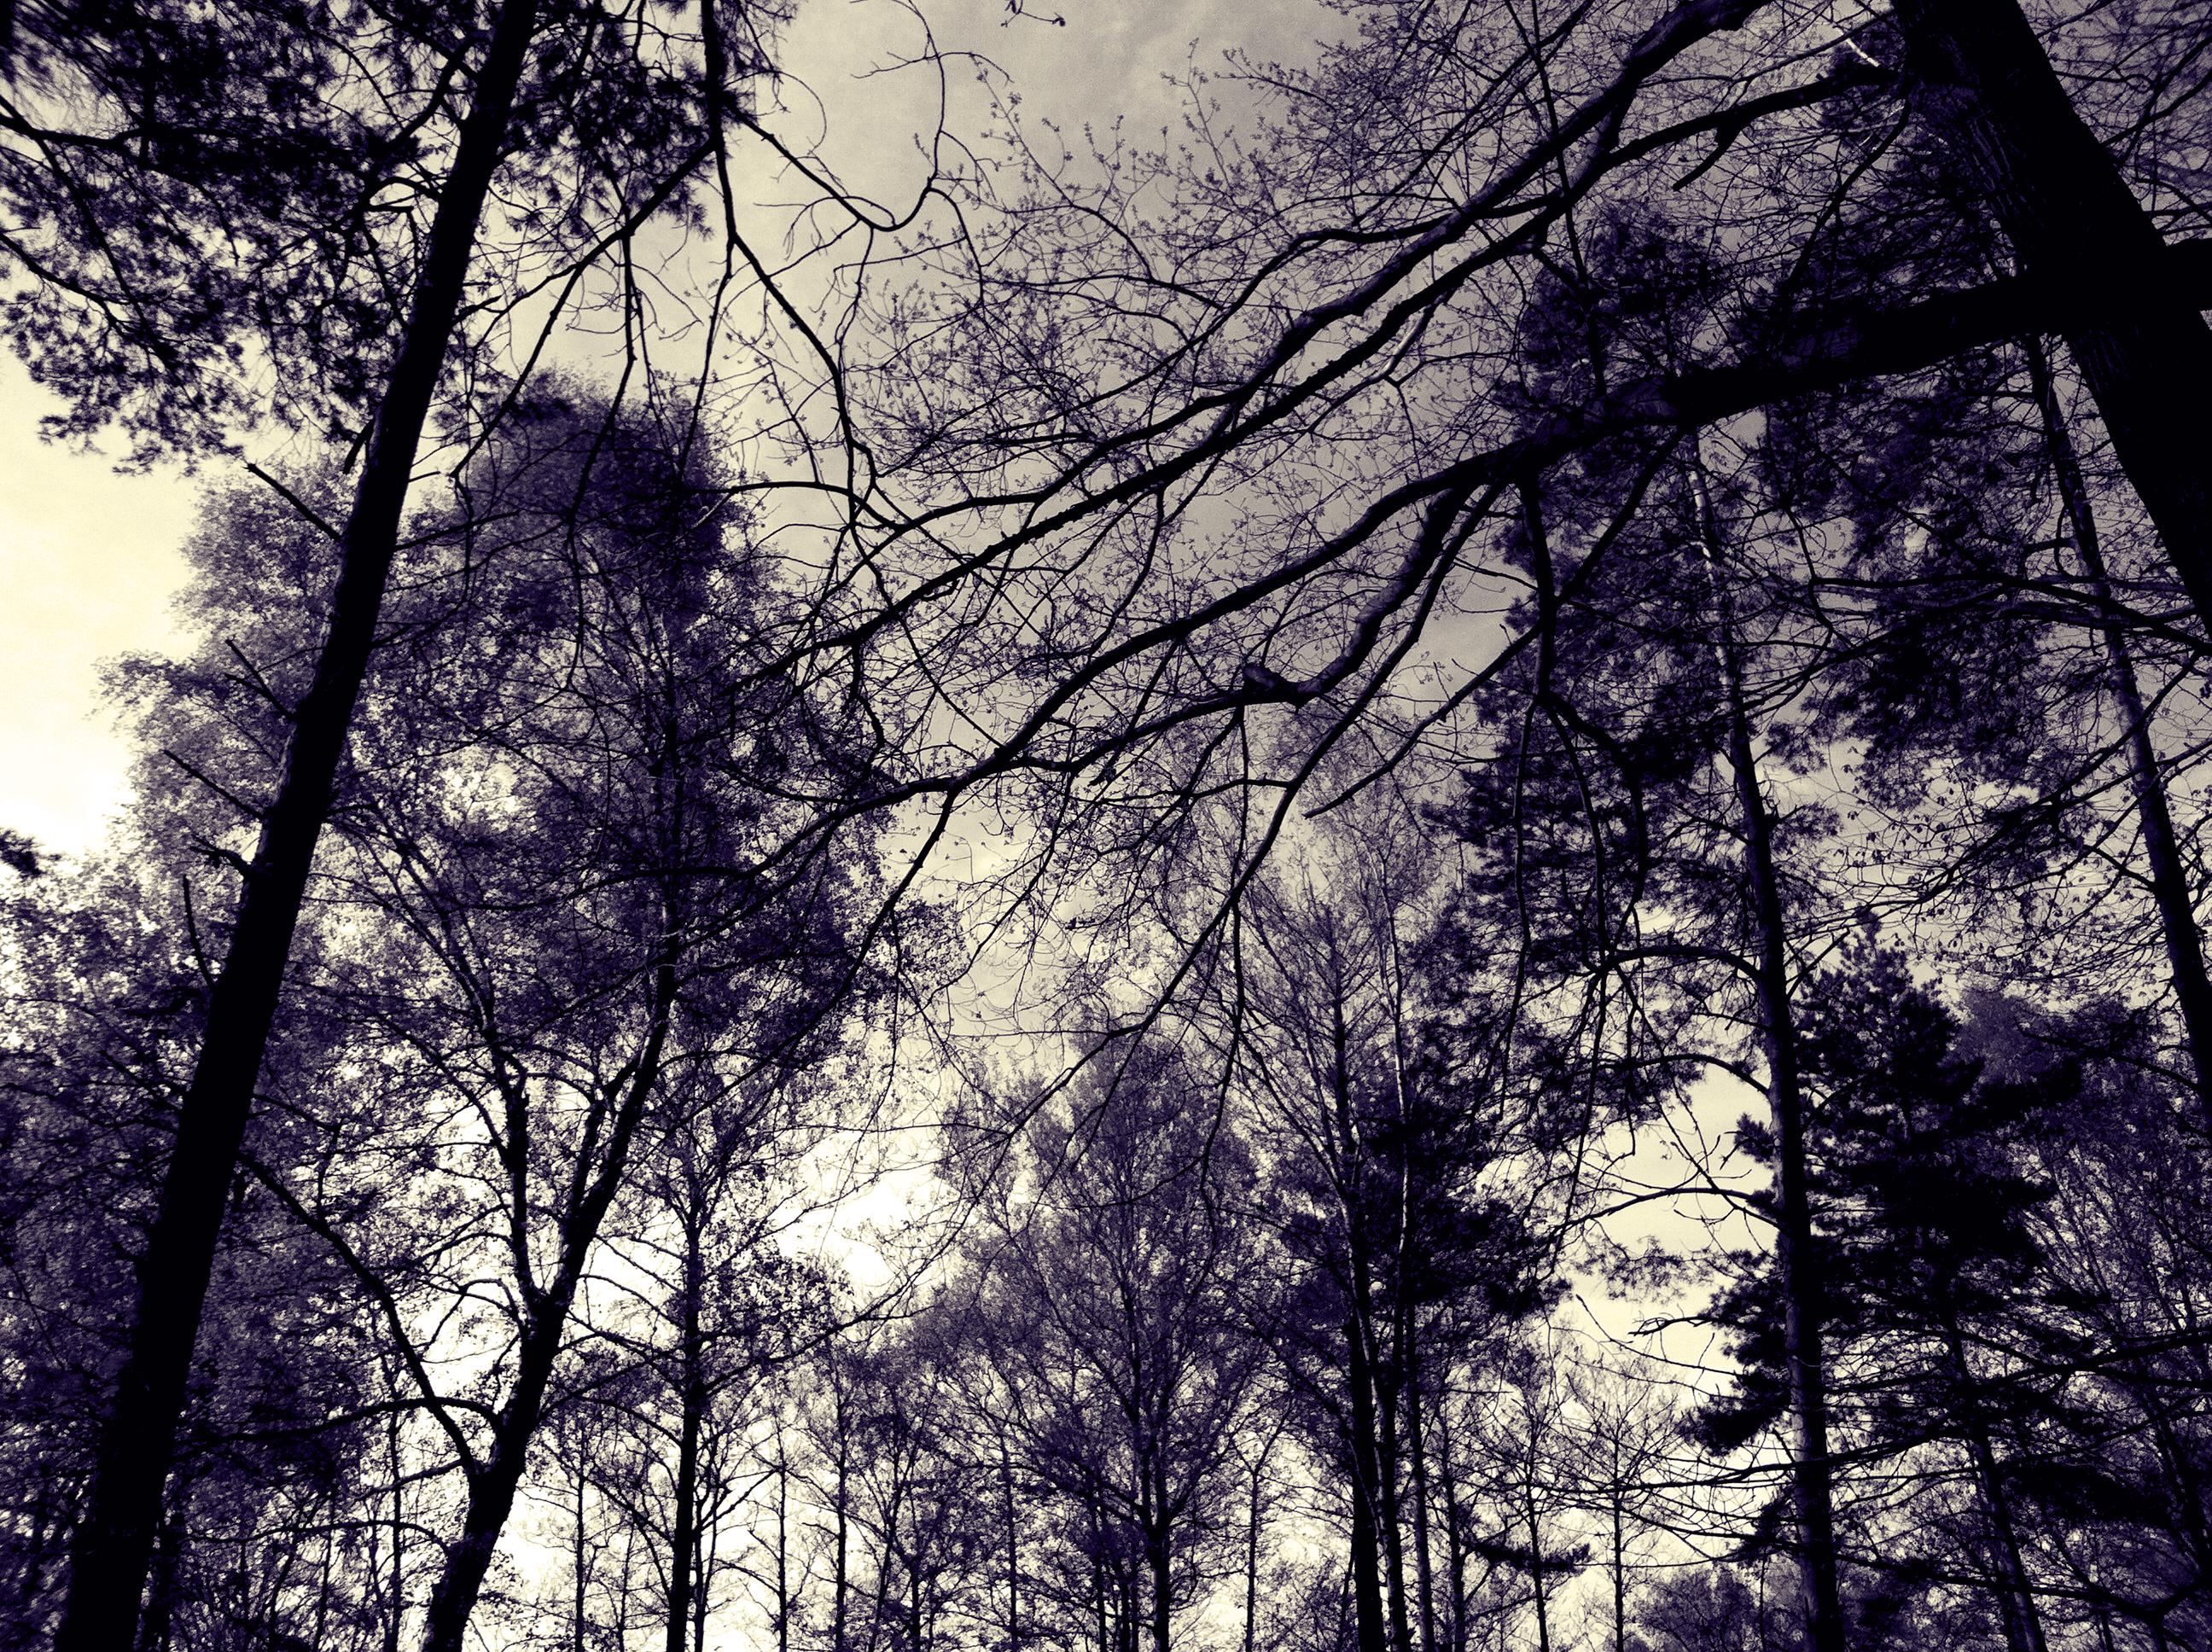 TREES 04:14